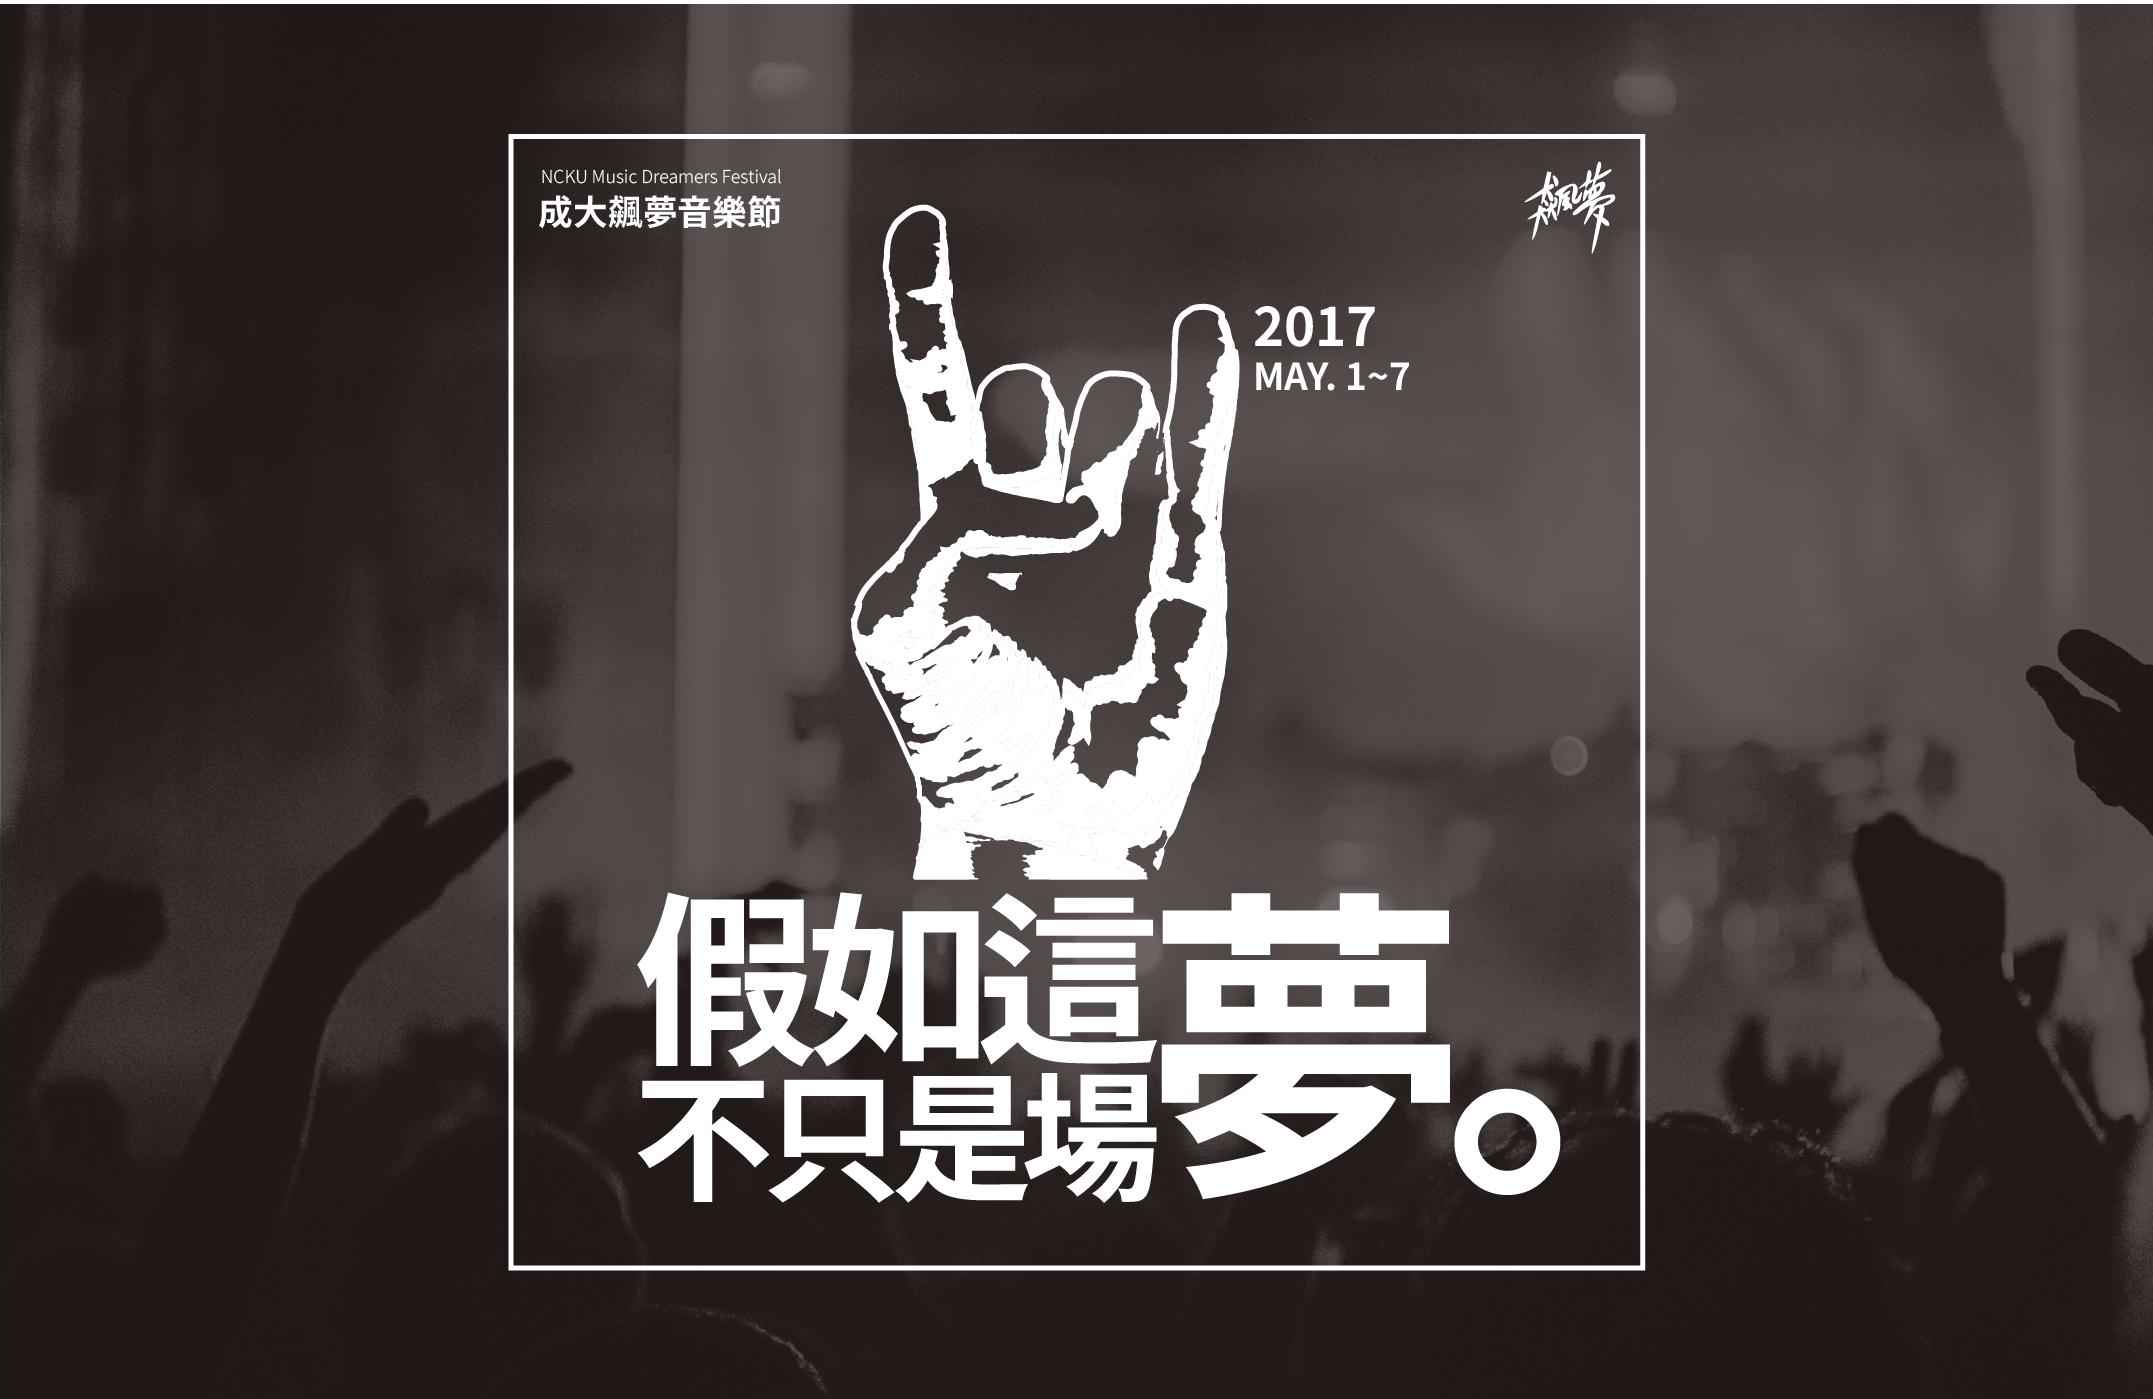 第三屆成大飆夢音樂節【假如這不只是場夢】-社團補助計畫